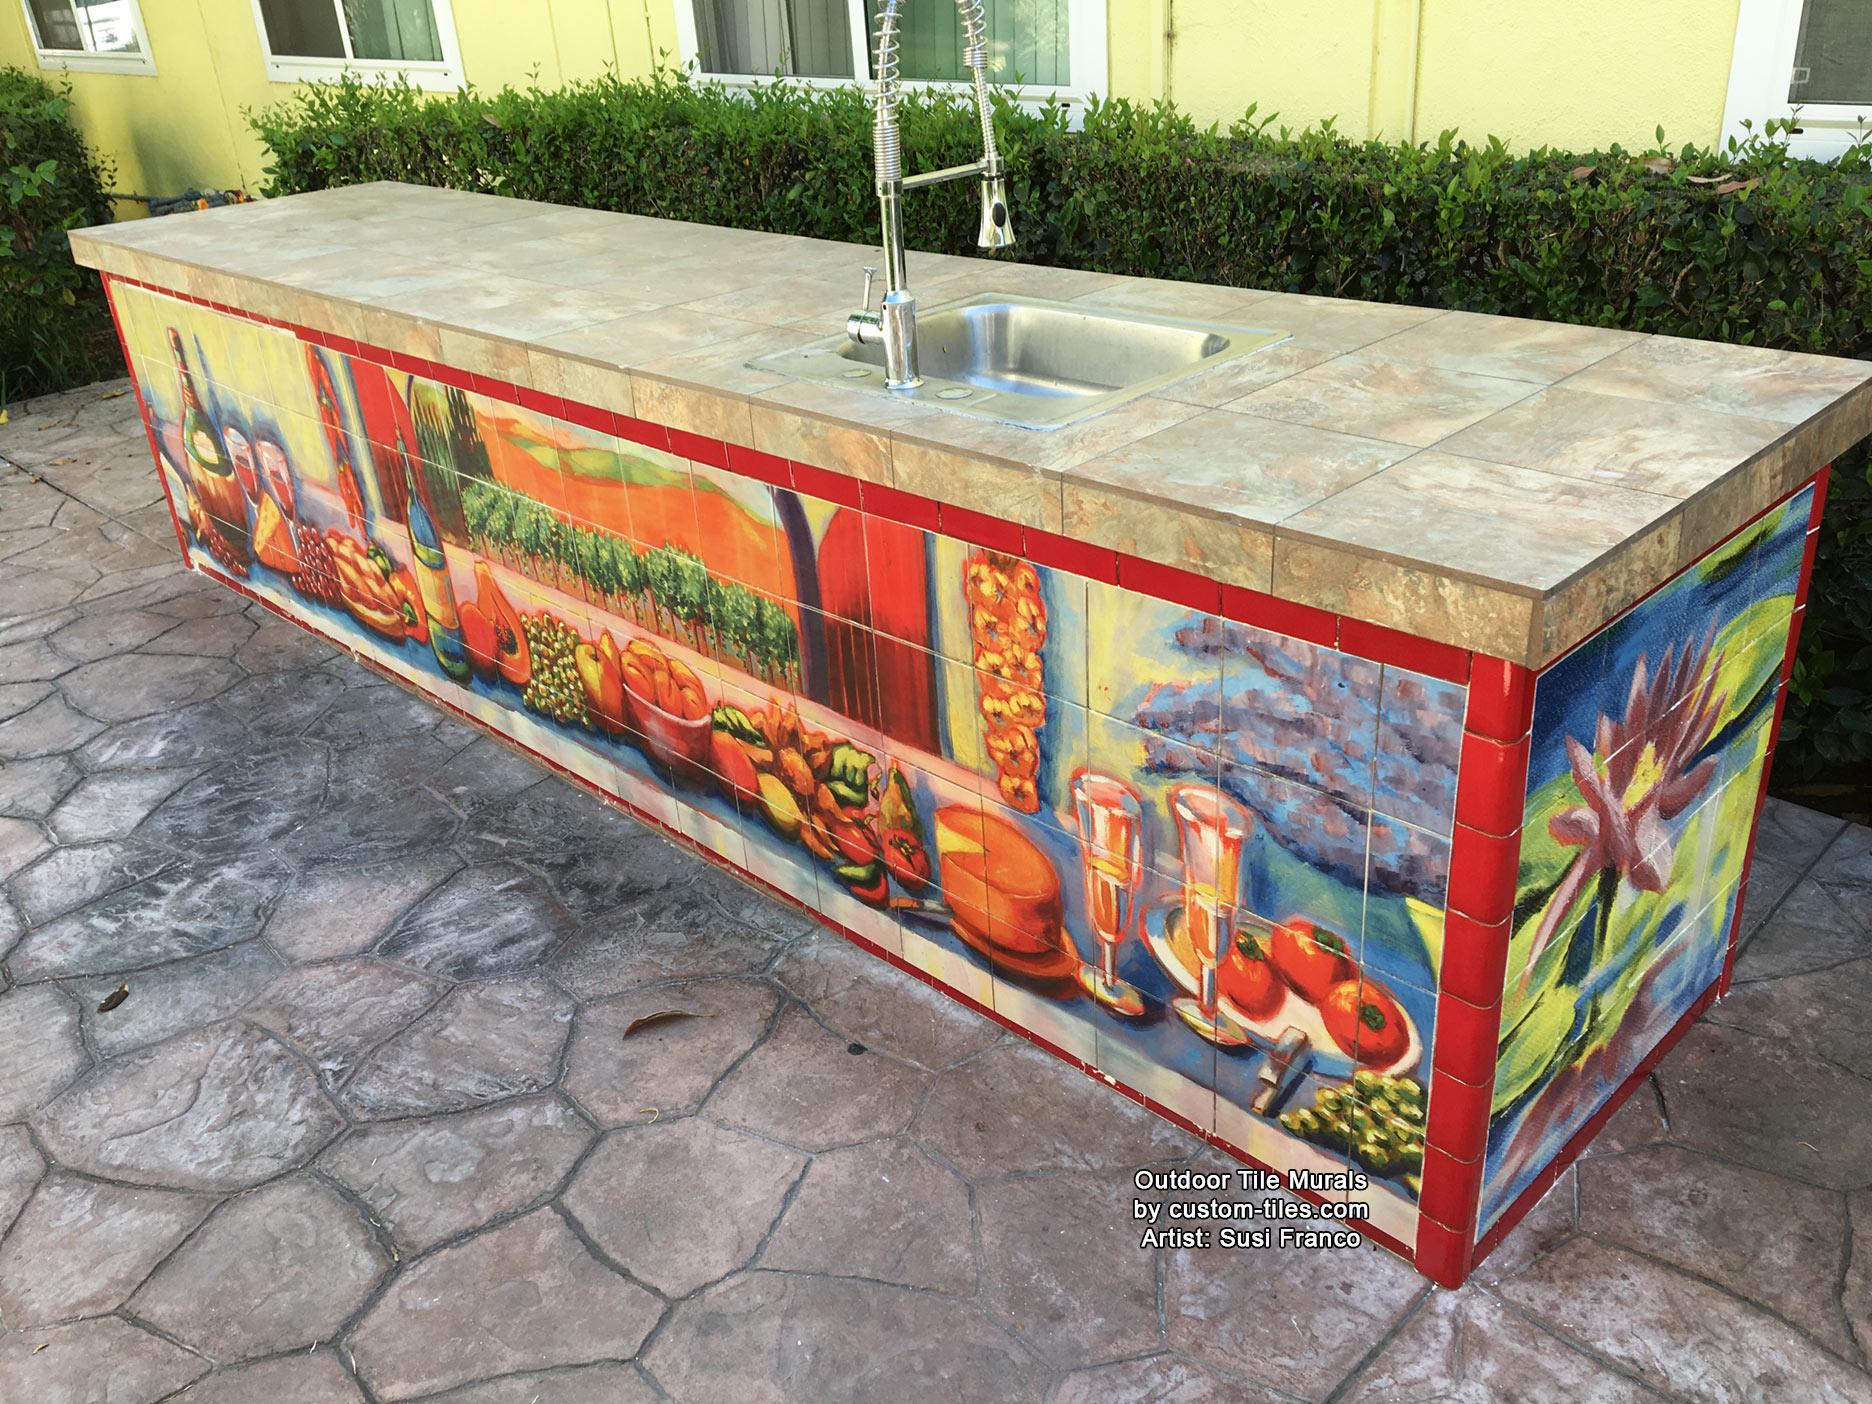 outdoor kitchen tile splashback outdoor kitchen tile murals ideas custom tiles